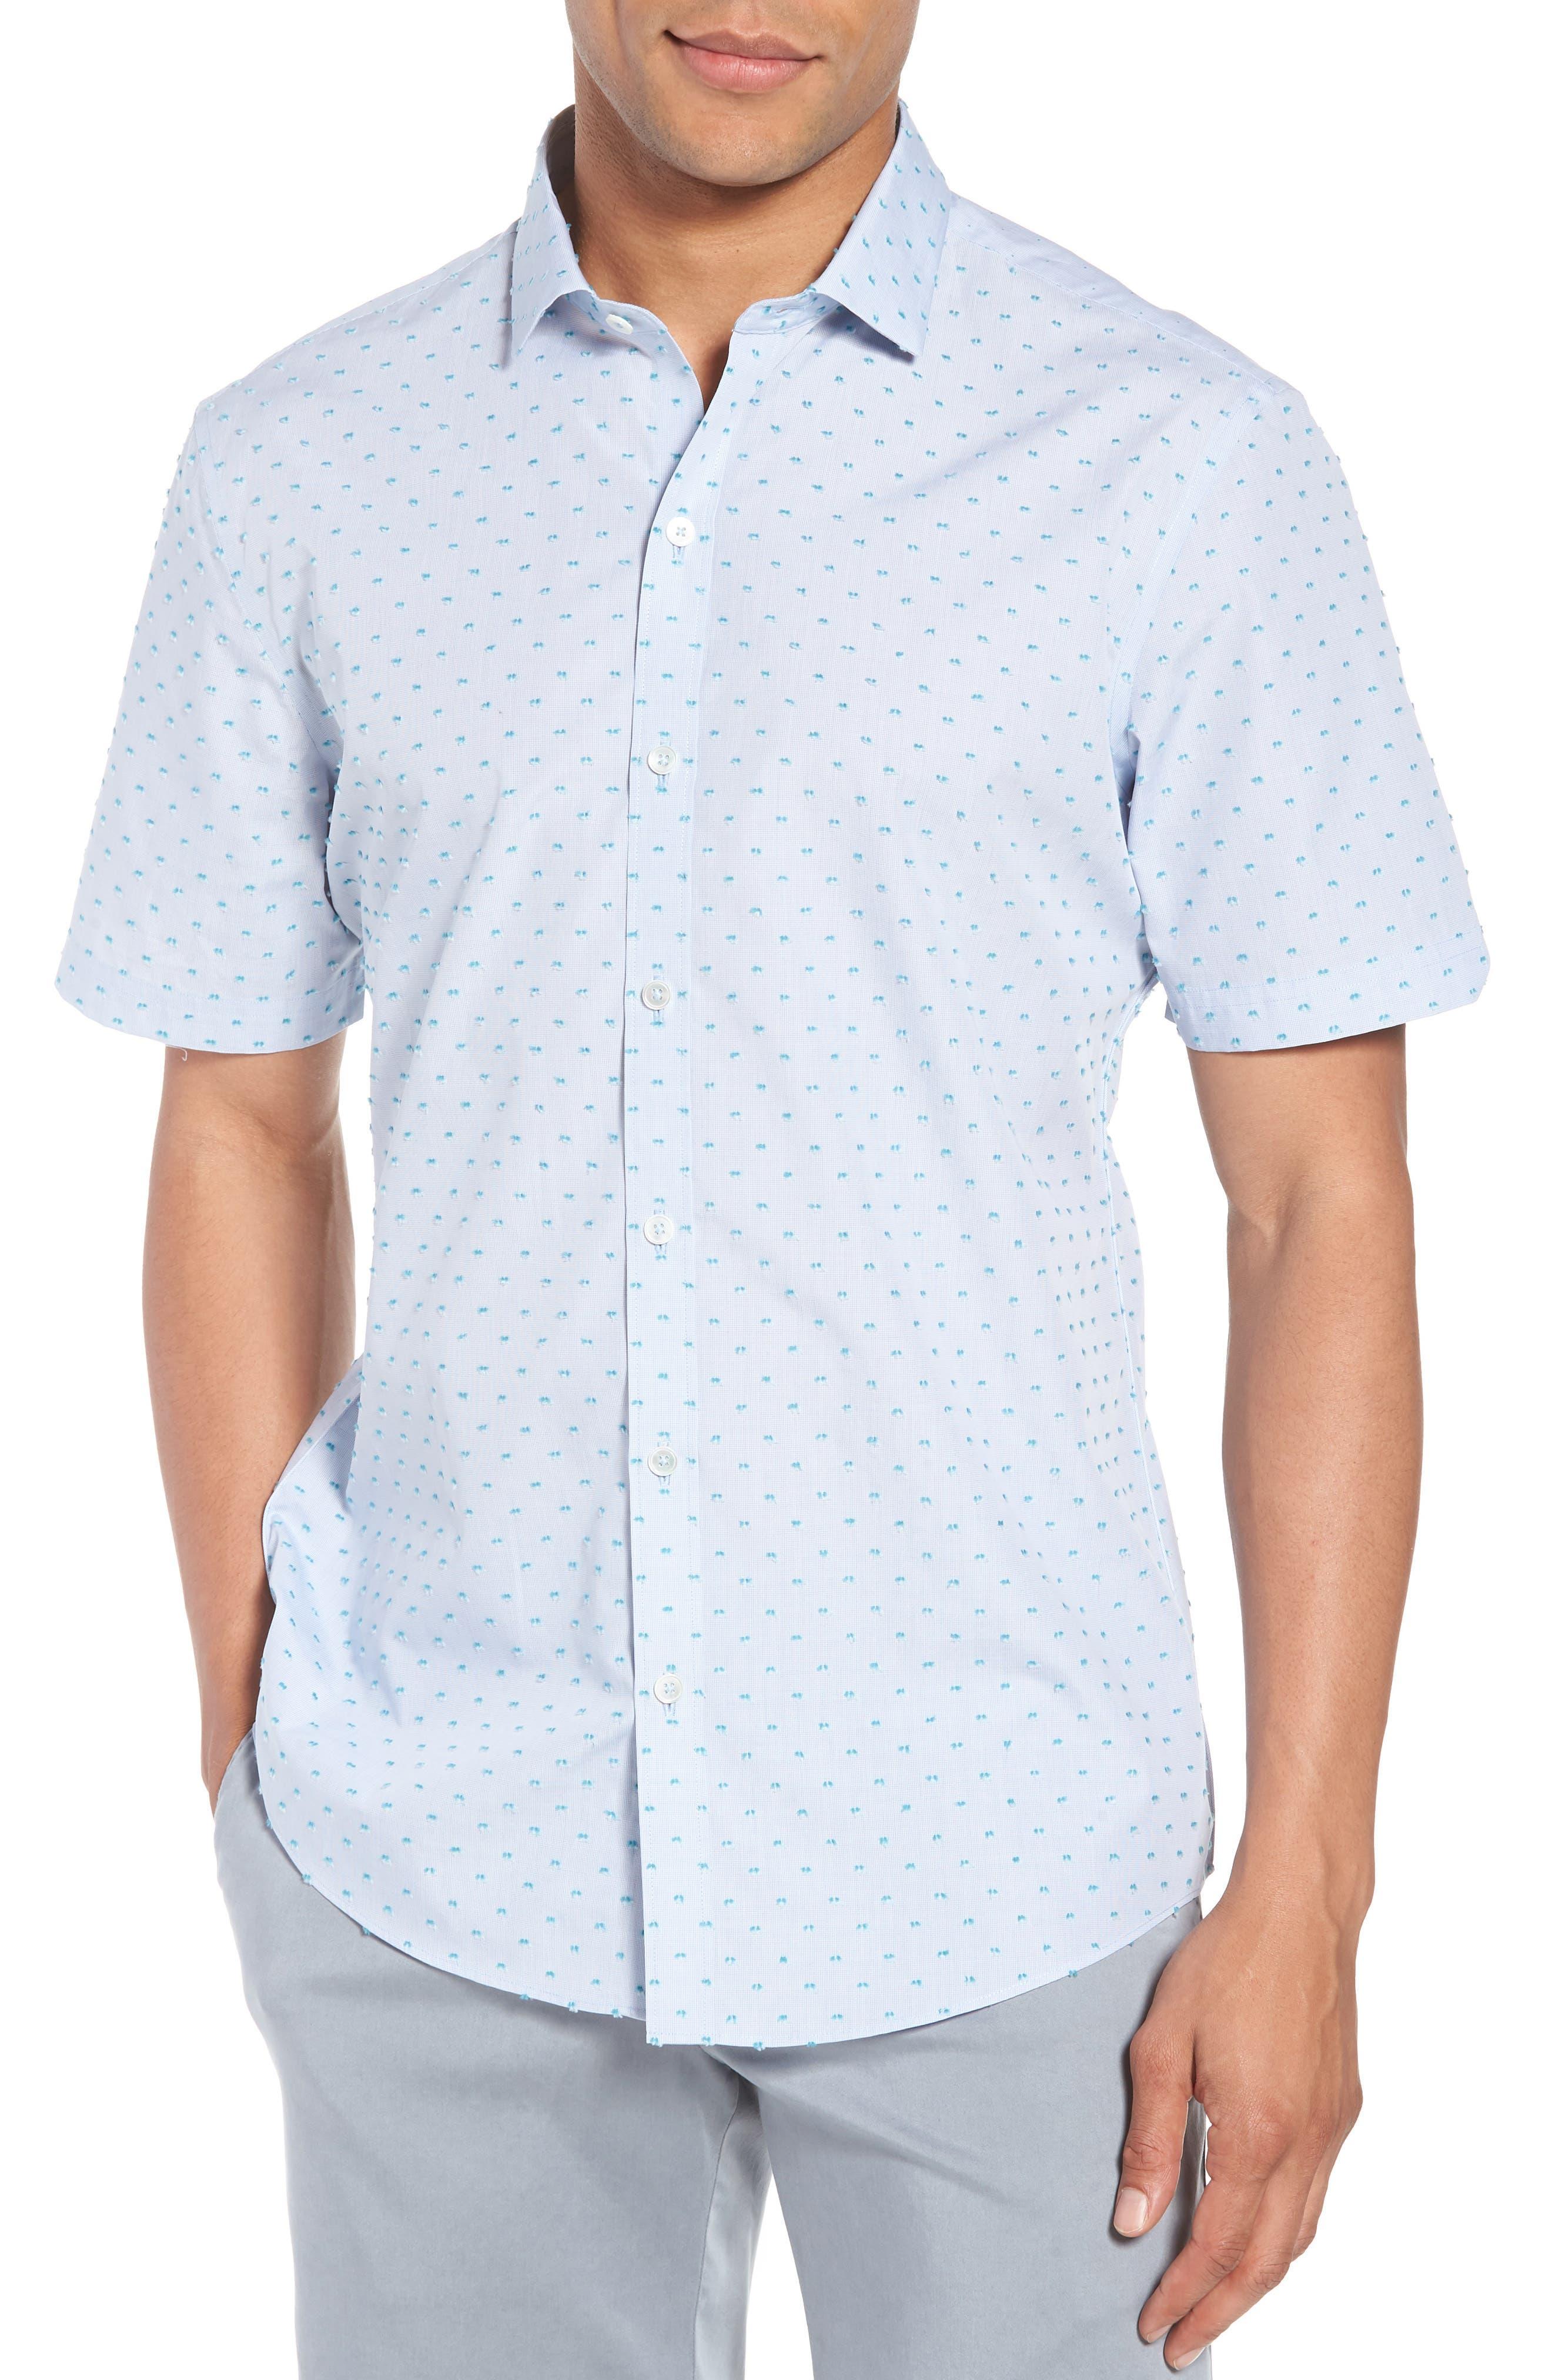 Dolle Fil a Coupe Sport Shirt,                         Main,                         color, Light Blue